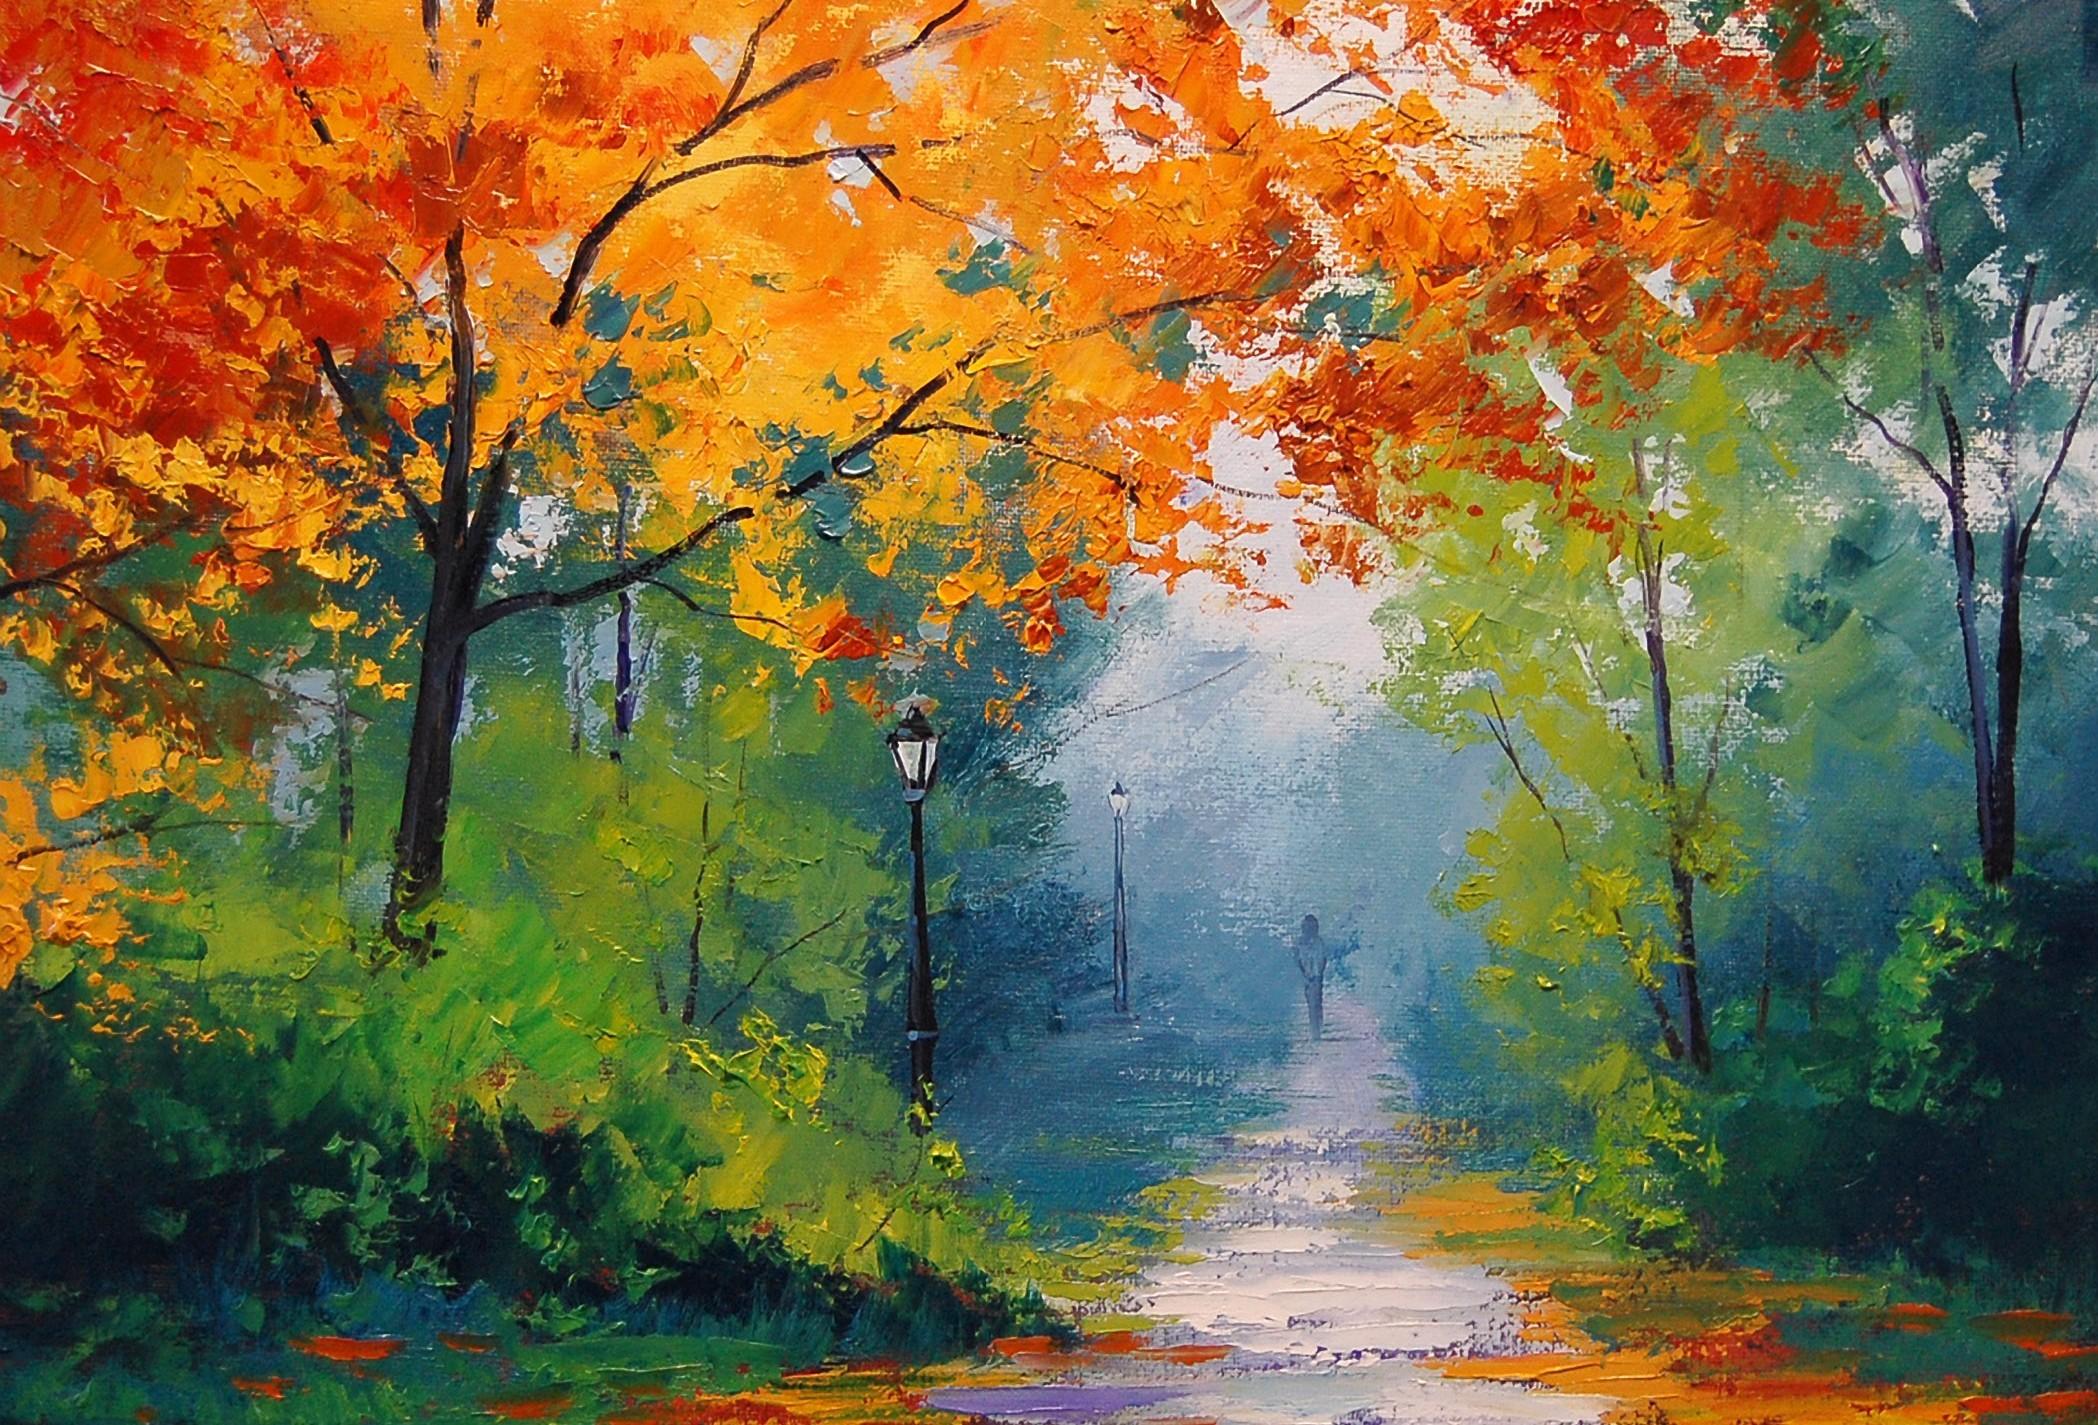 обои на рабочий стол картины известных художников осень № 247497 бесплатно